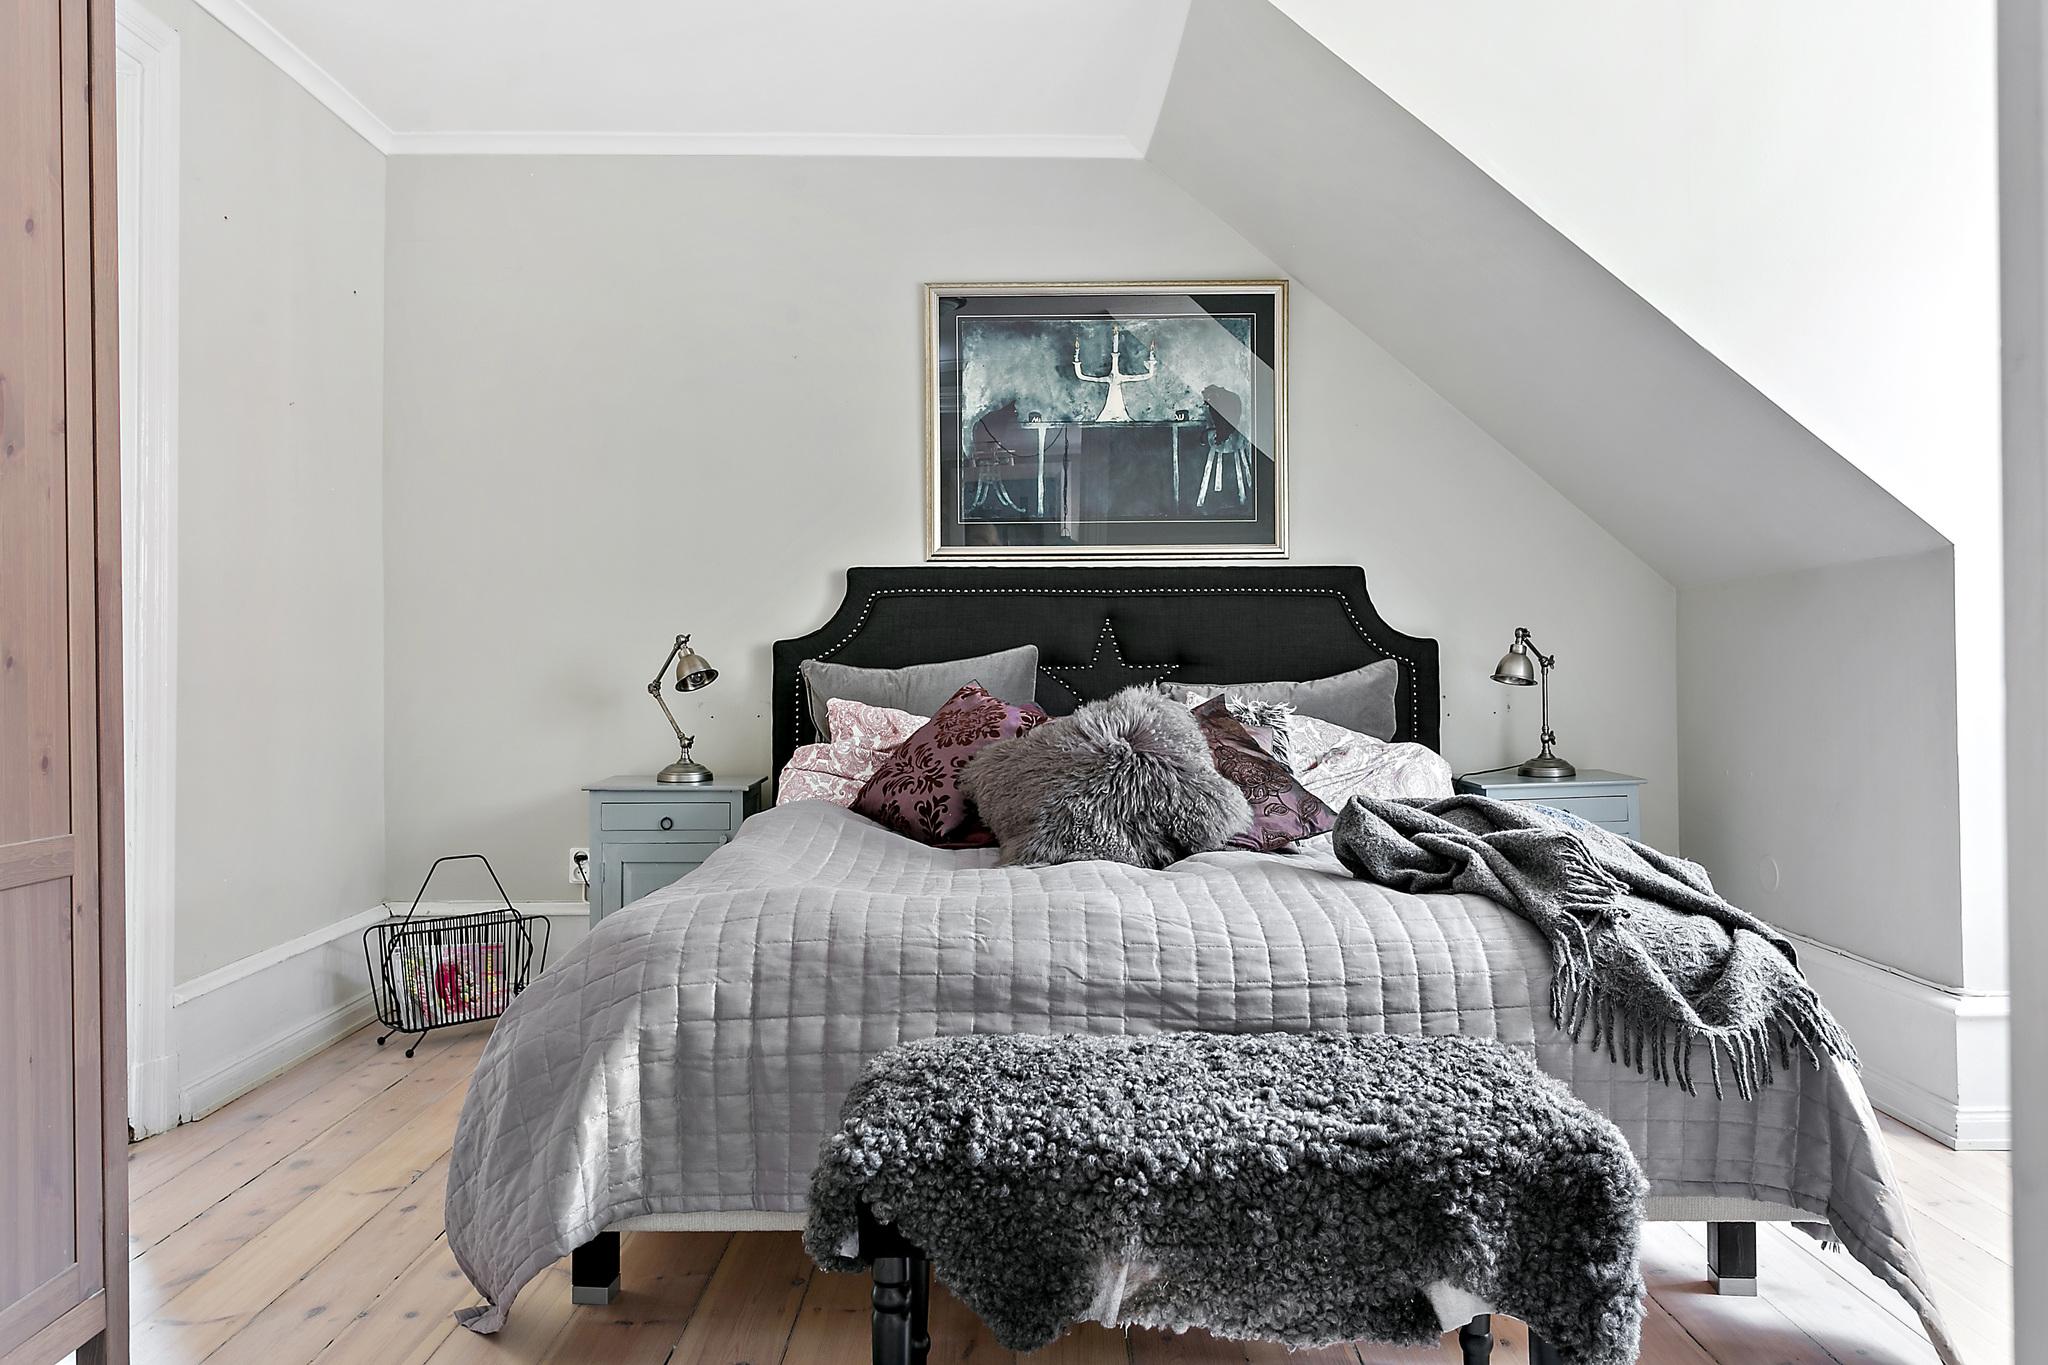 спальня кровать изголовье прикроватные тумбы лампы